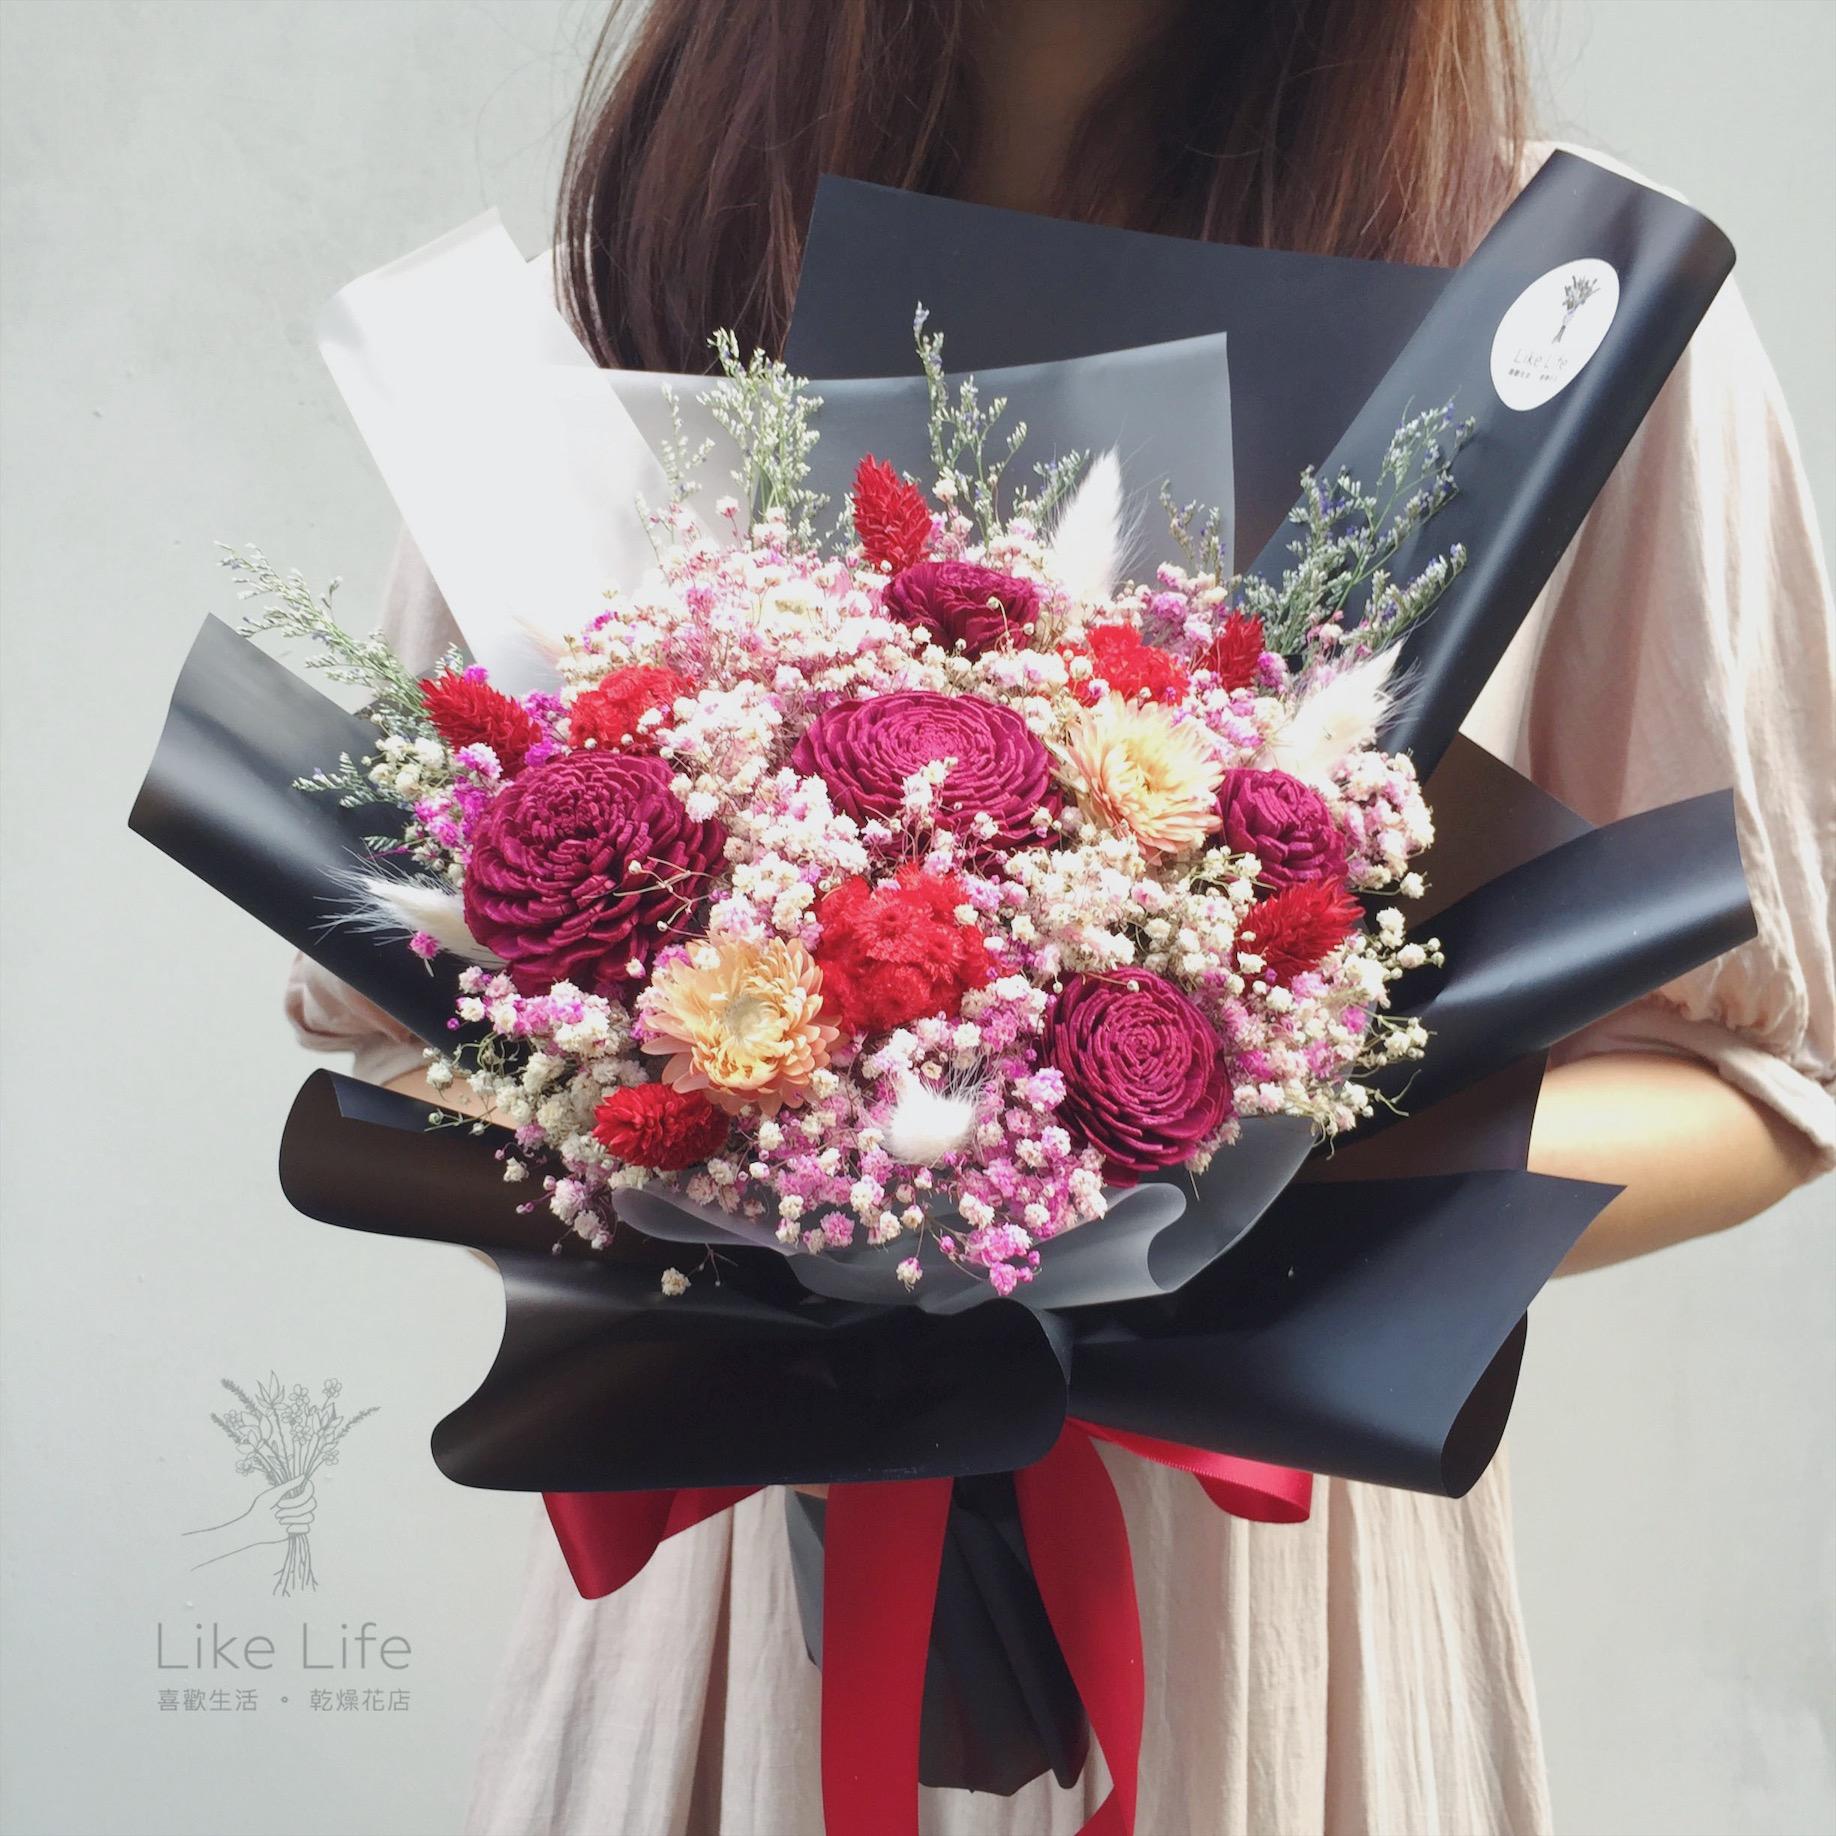 韓式包裝中型花束黑紅手拿